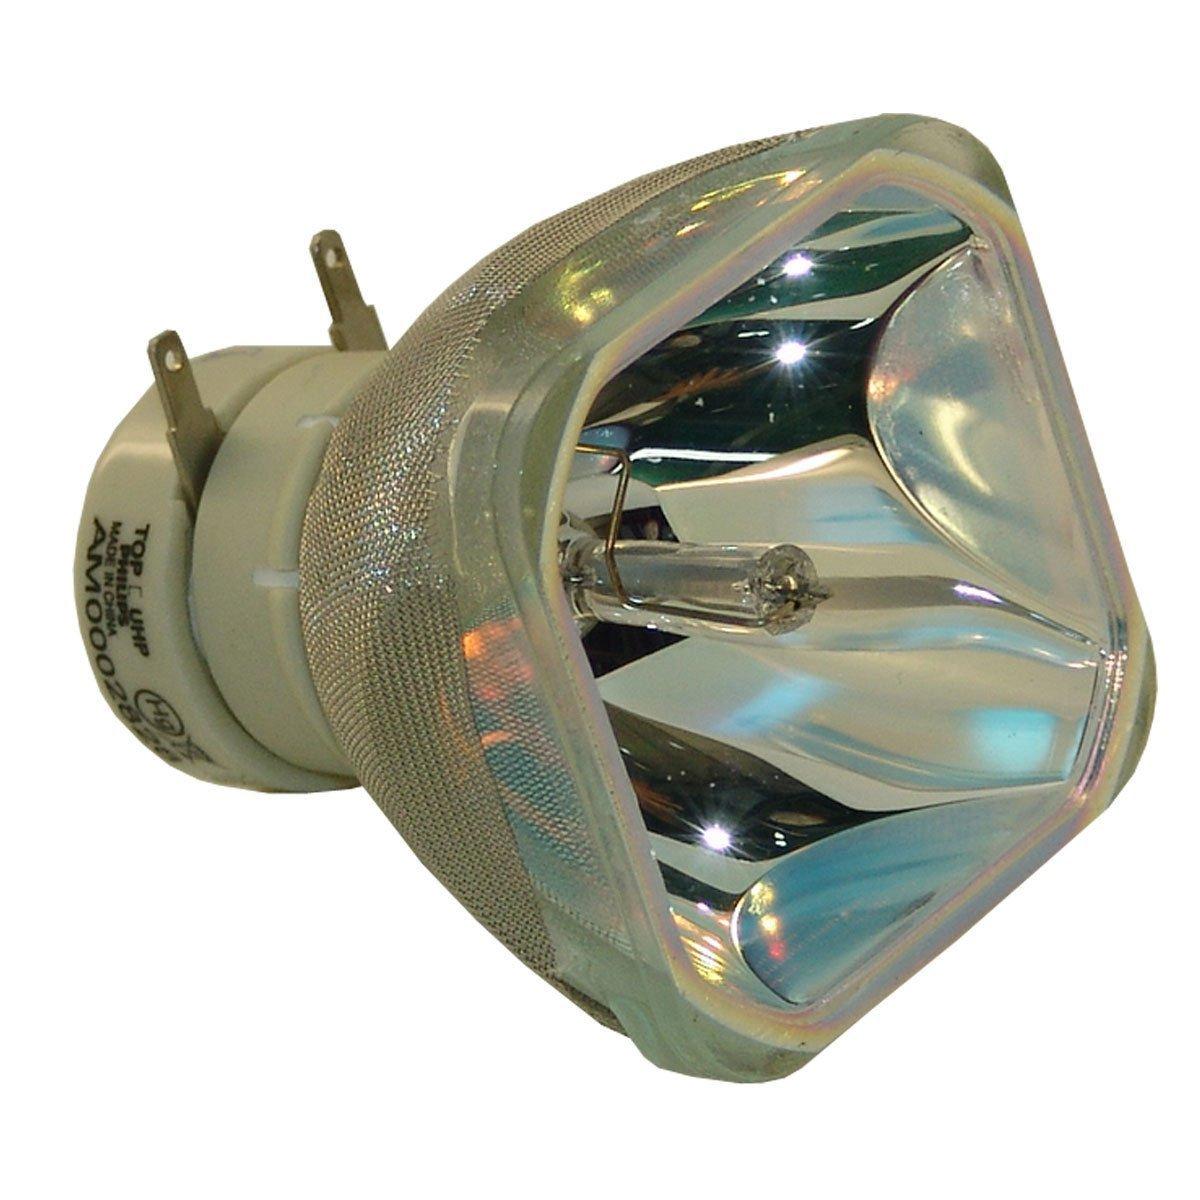 Compatible Bulb POA-LMP132 LMP132 POA-LMP142 LMP142 for Sanyo PLC-XD2200 PLC-XD2600 PLC-XK2200 PLC-XK3010 Projector Bulb Lamp 610 349 7518 poa lmp142 original bare lamp for sanyo plc wk2500 plc xd2600 xd2200 plc xe34 plc xk2200 plc xk2600 plc xk3010